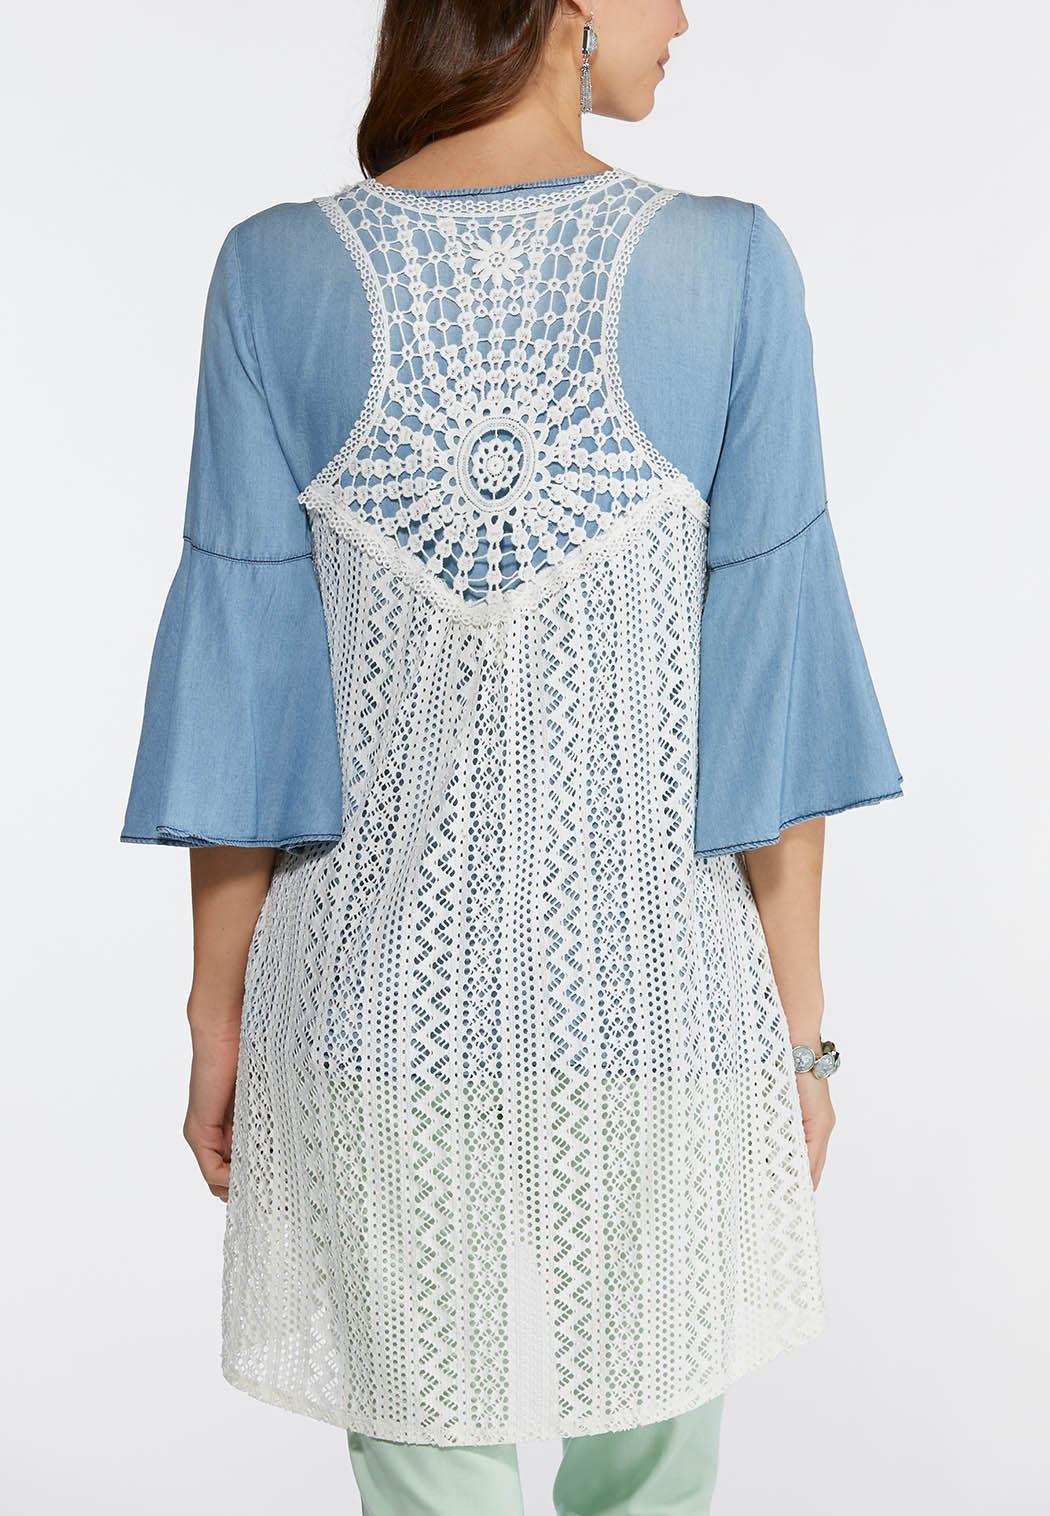 Plus Size Crochet Racerback Layering Vest Vests Cato Fashions